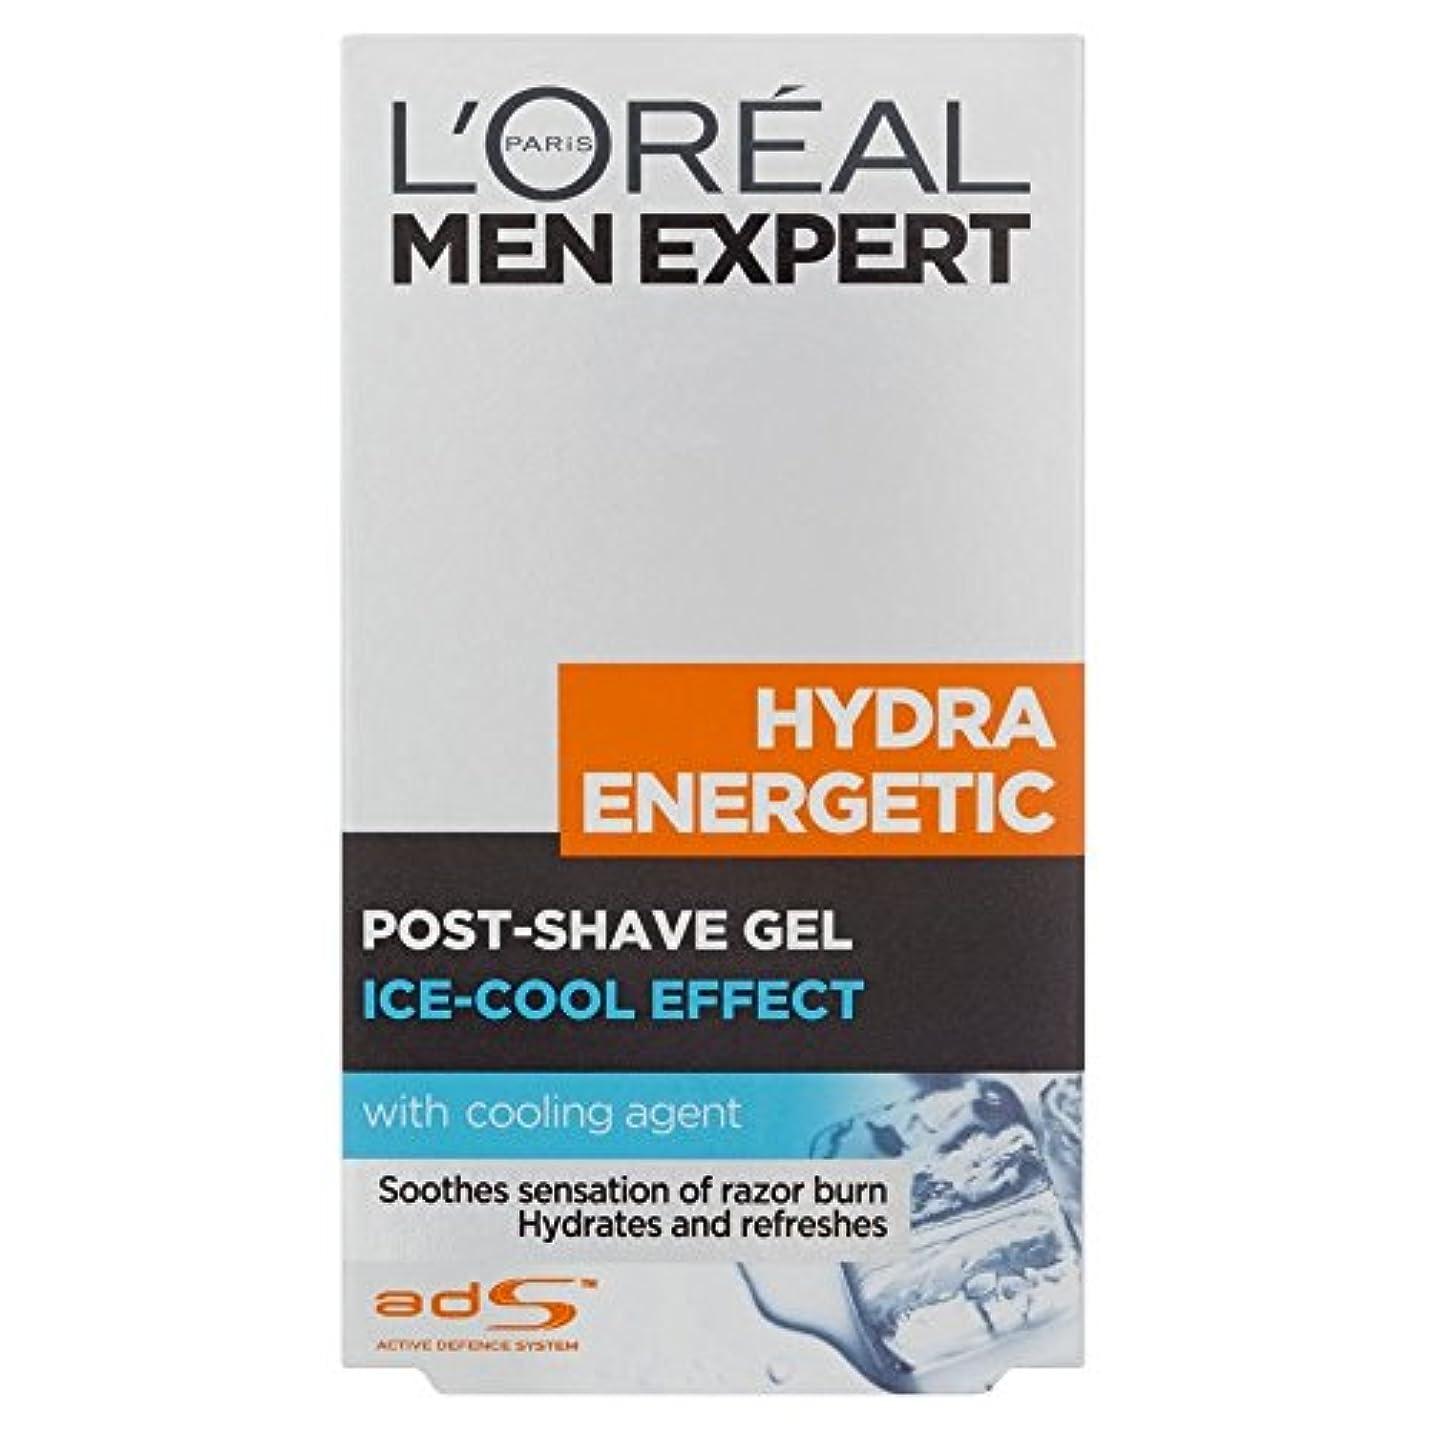 出演者一貫性のないピアースL'Oreal Paris Men Expert Hydra Energetic Post Shave Balm (100ml) L'オラ?アルパリのメンズ専門ヒドラエネルギッシュなポストシェーブバーム( 100ミリリットル...